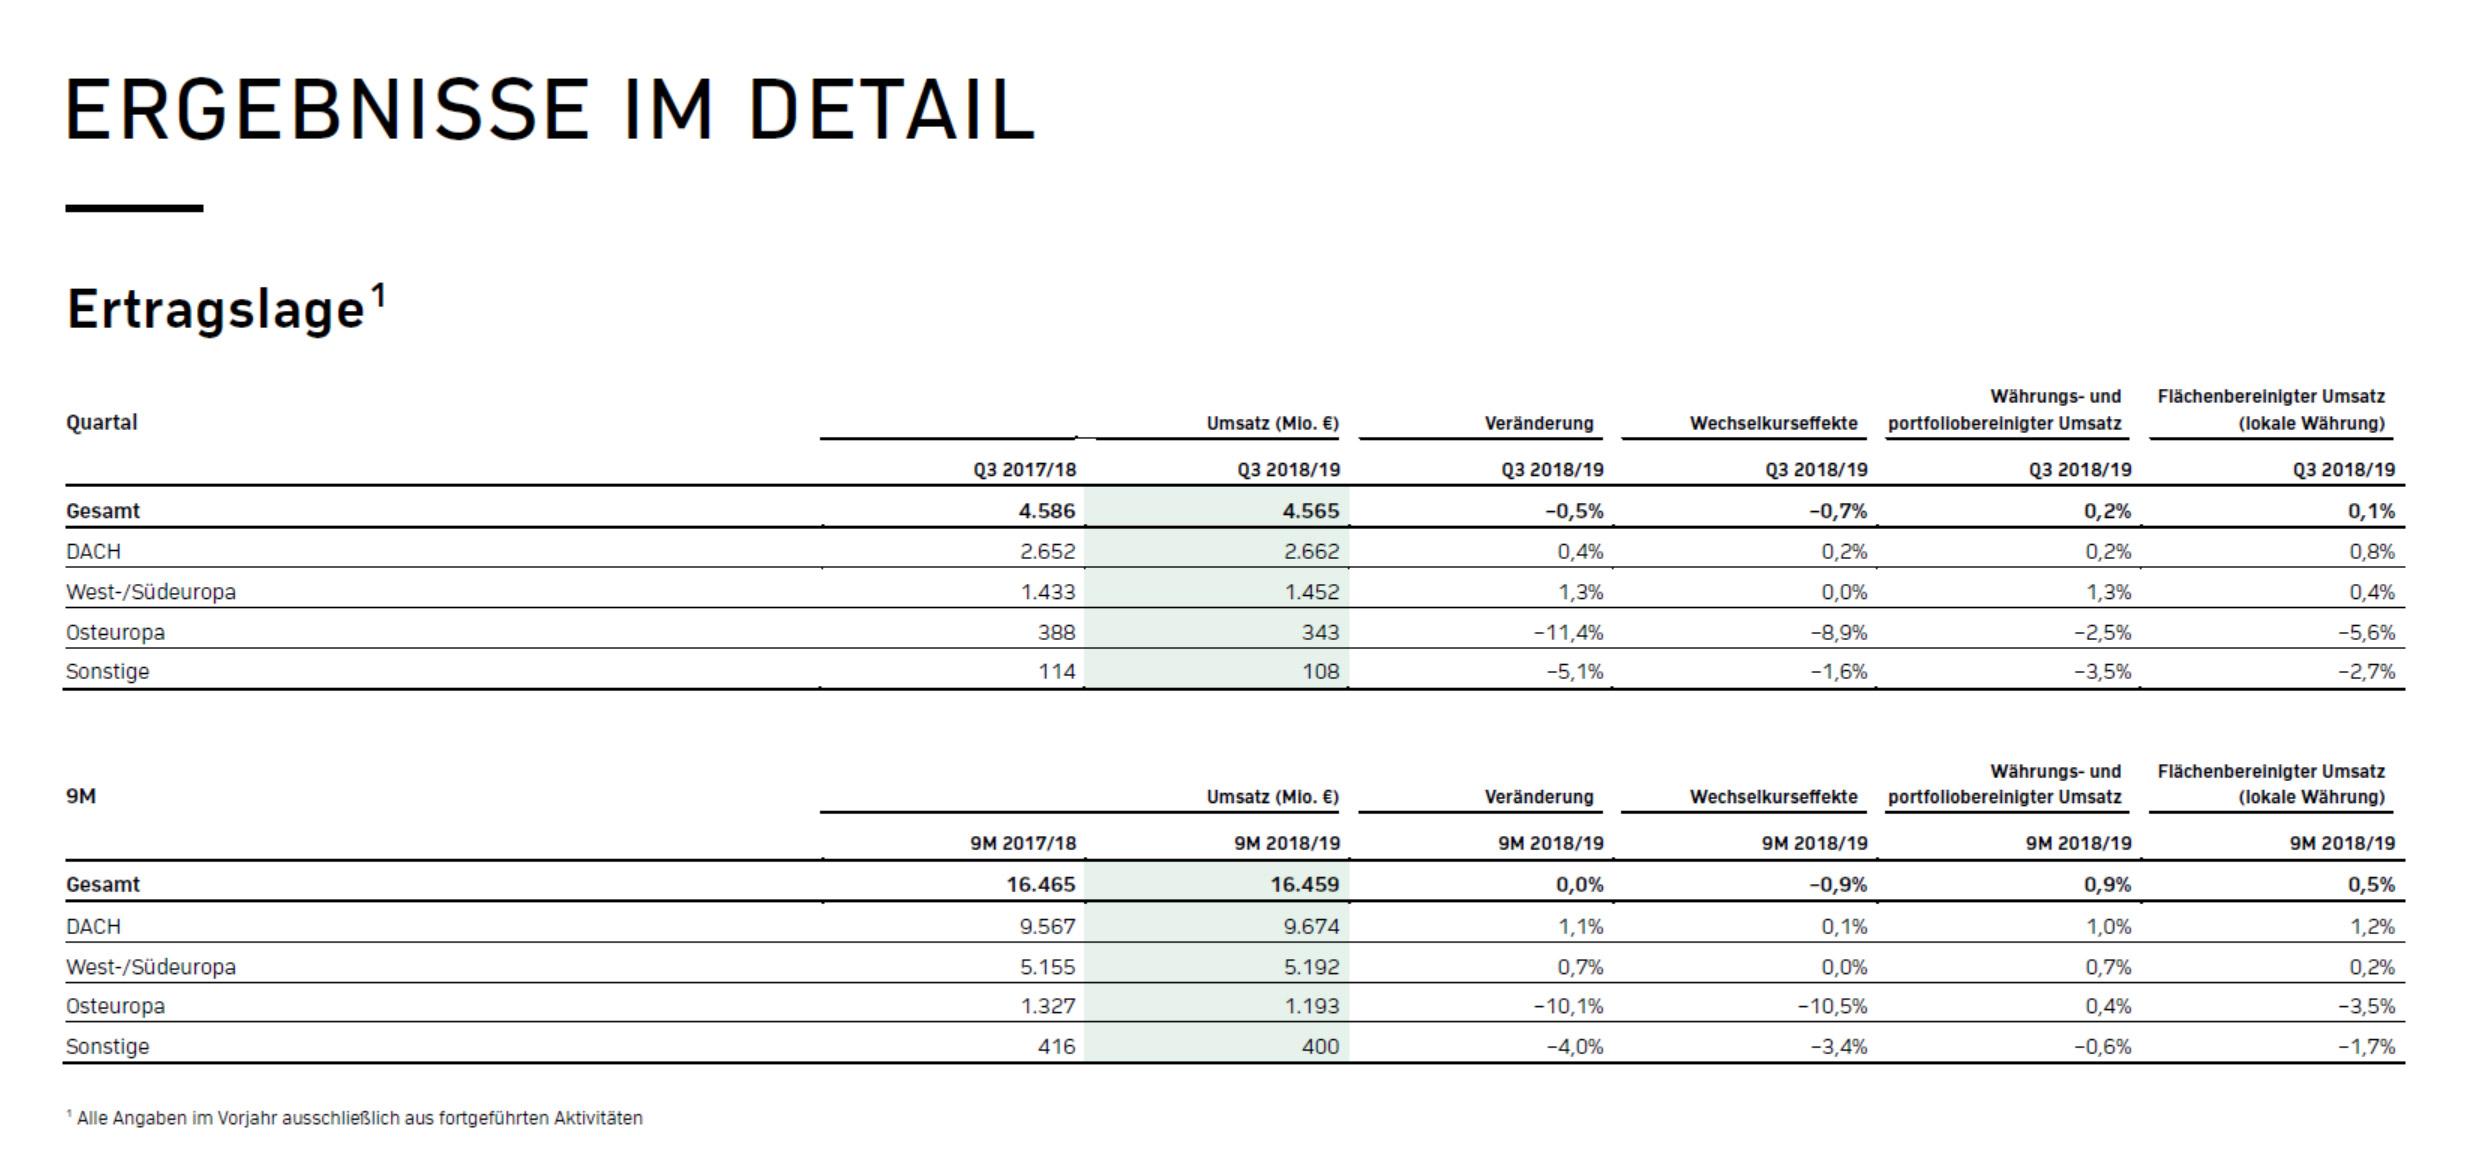 Ceconomy Q3/9M 2018/19 Ergebnisse im Detail - Ertragskage